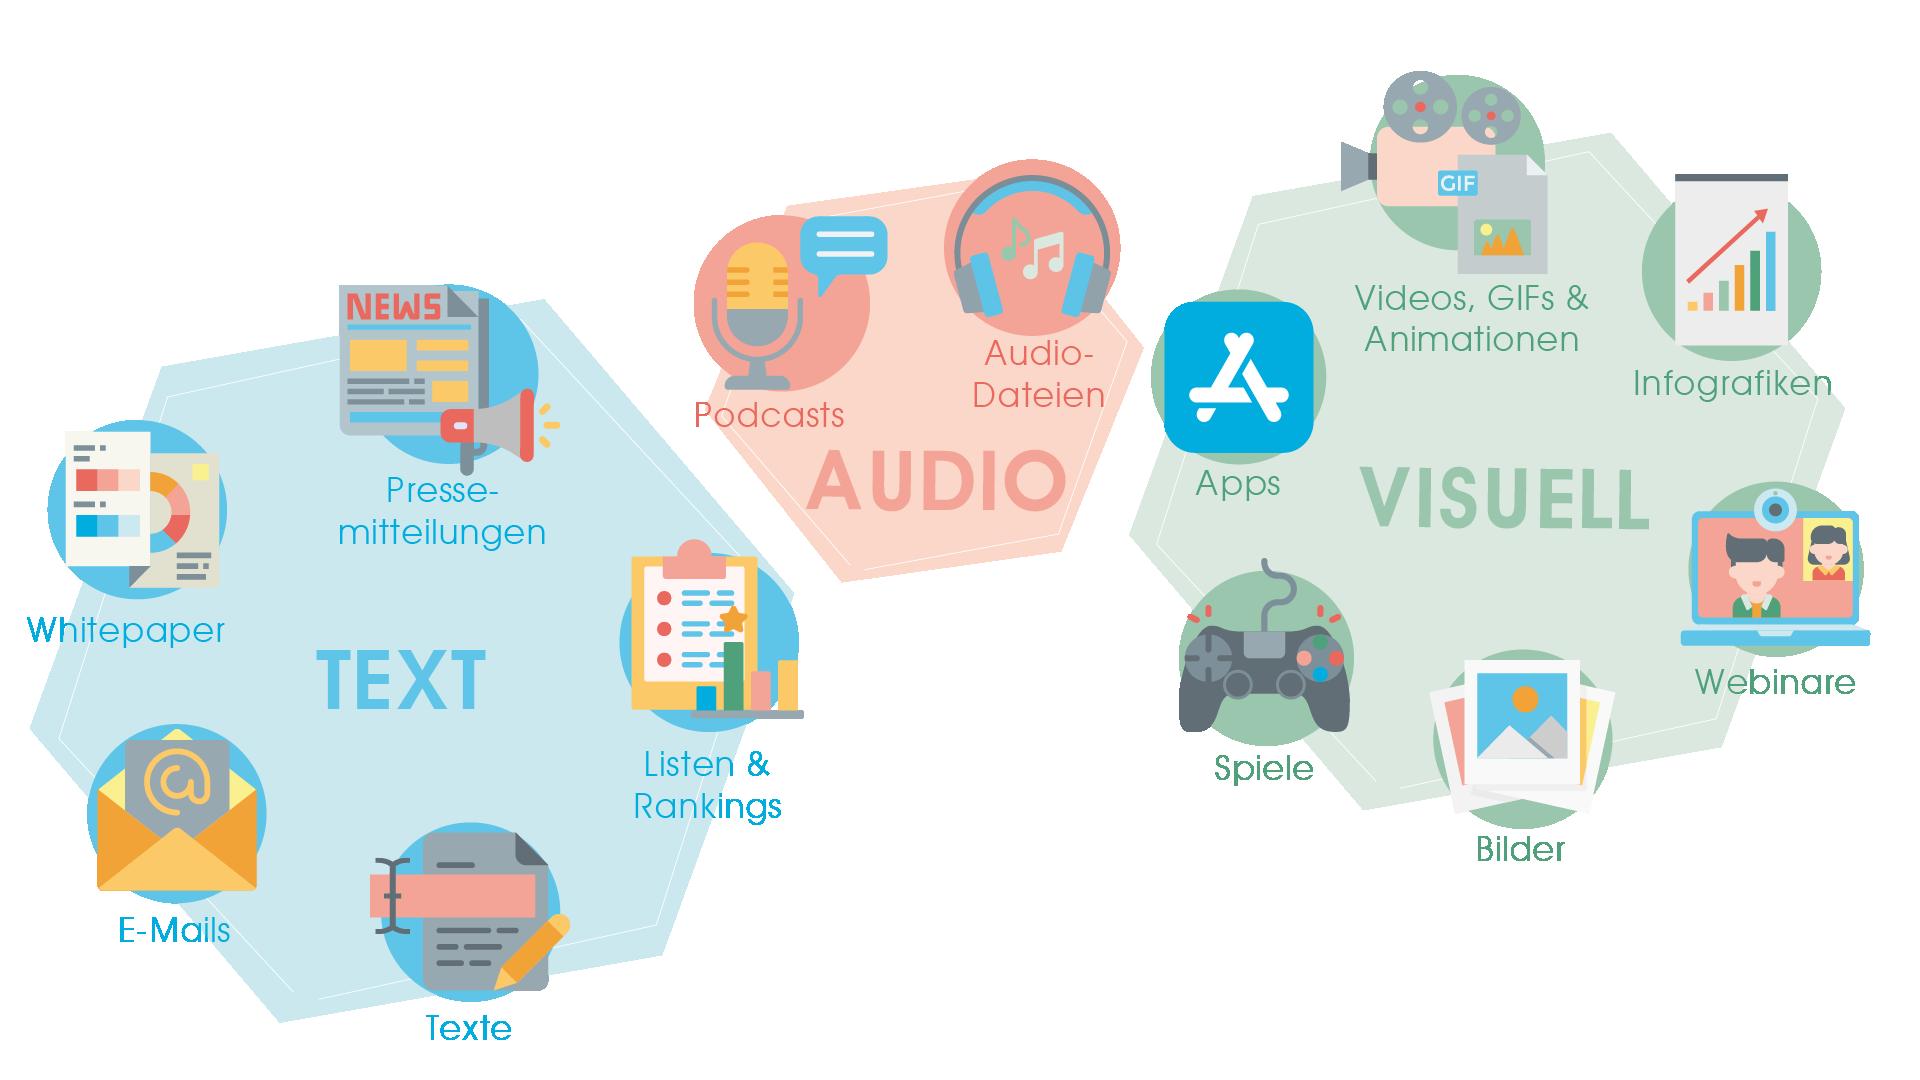 Mögliche Klassifizierung der Content-Arten in Text, Audio und visuellen Content